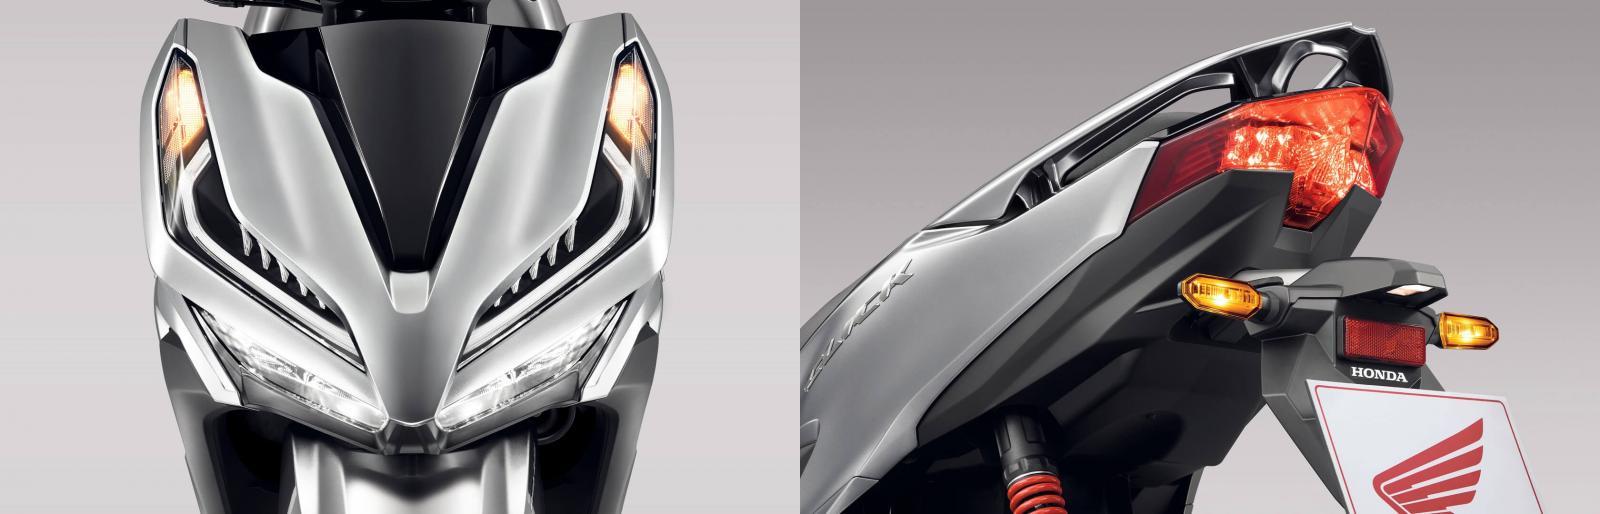 ปัญหา Honda Click 125i